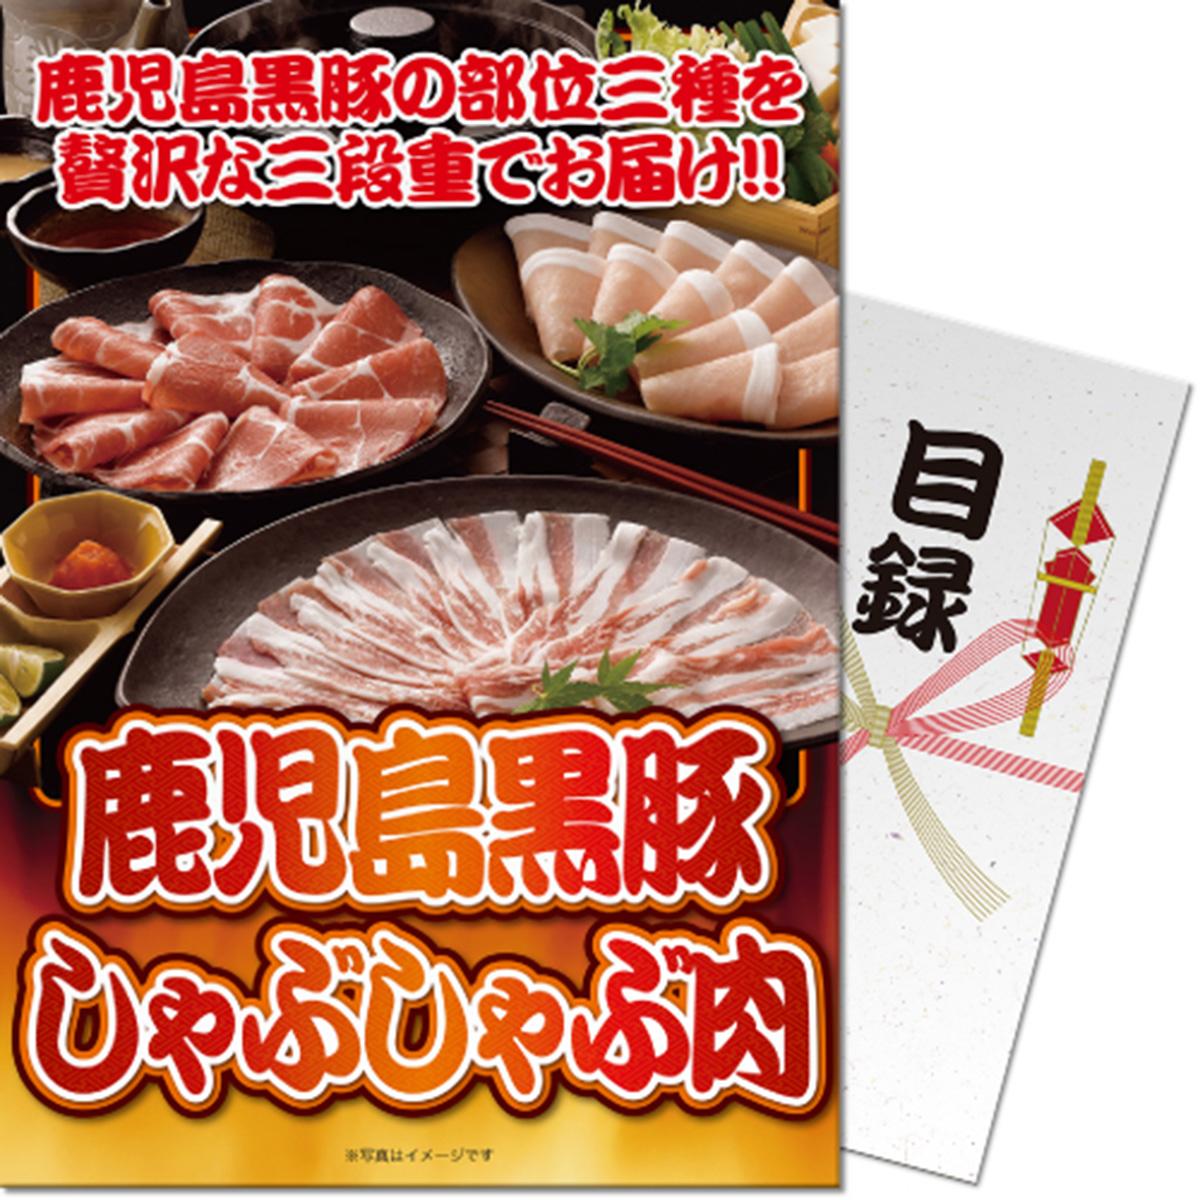 パネもく!鹿児島県産黒豚しゃぶしゃぶ 目録 A4パネル付き